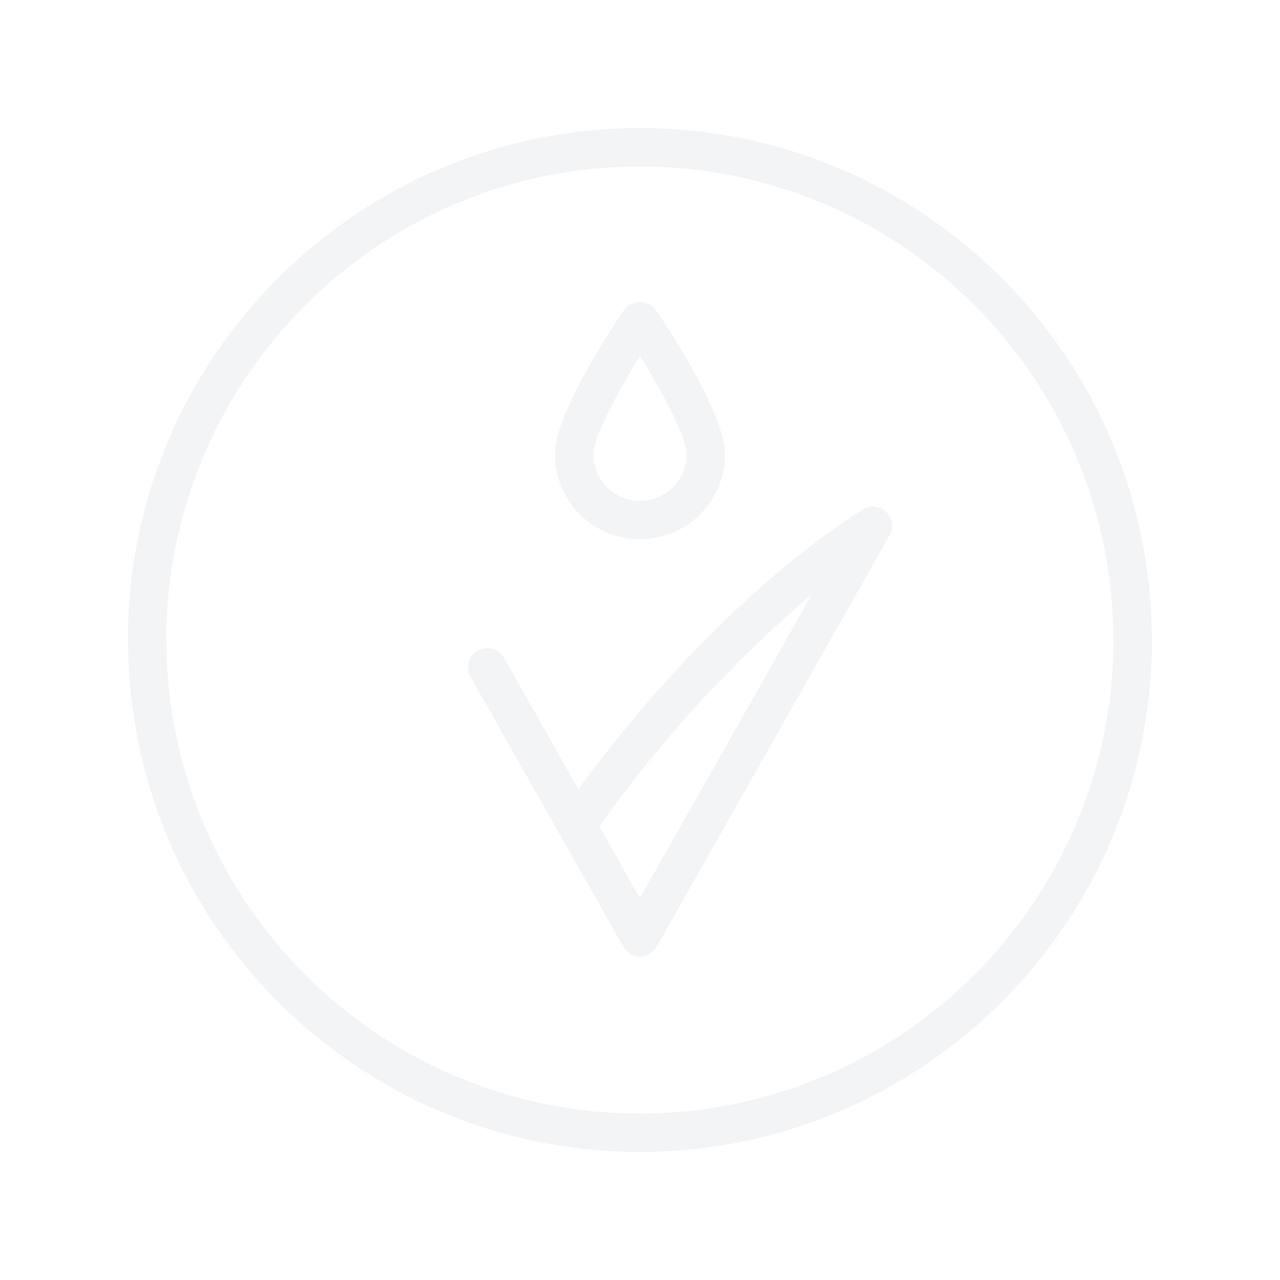 MAKEUP REVOLUTION Pro HD Eyes & Contour Palette палетка для макияжа 60.5g